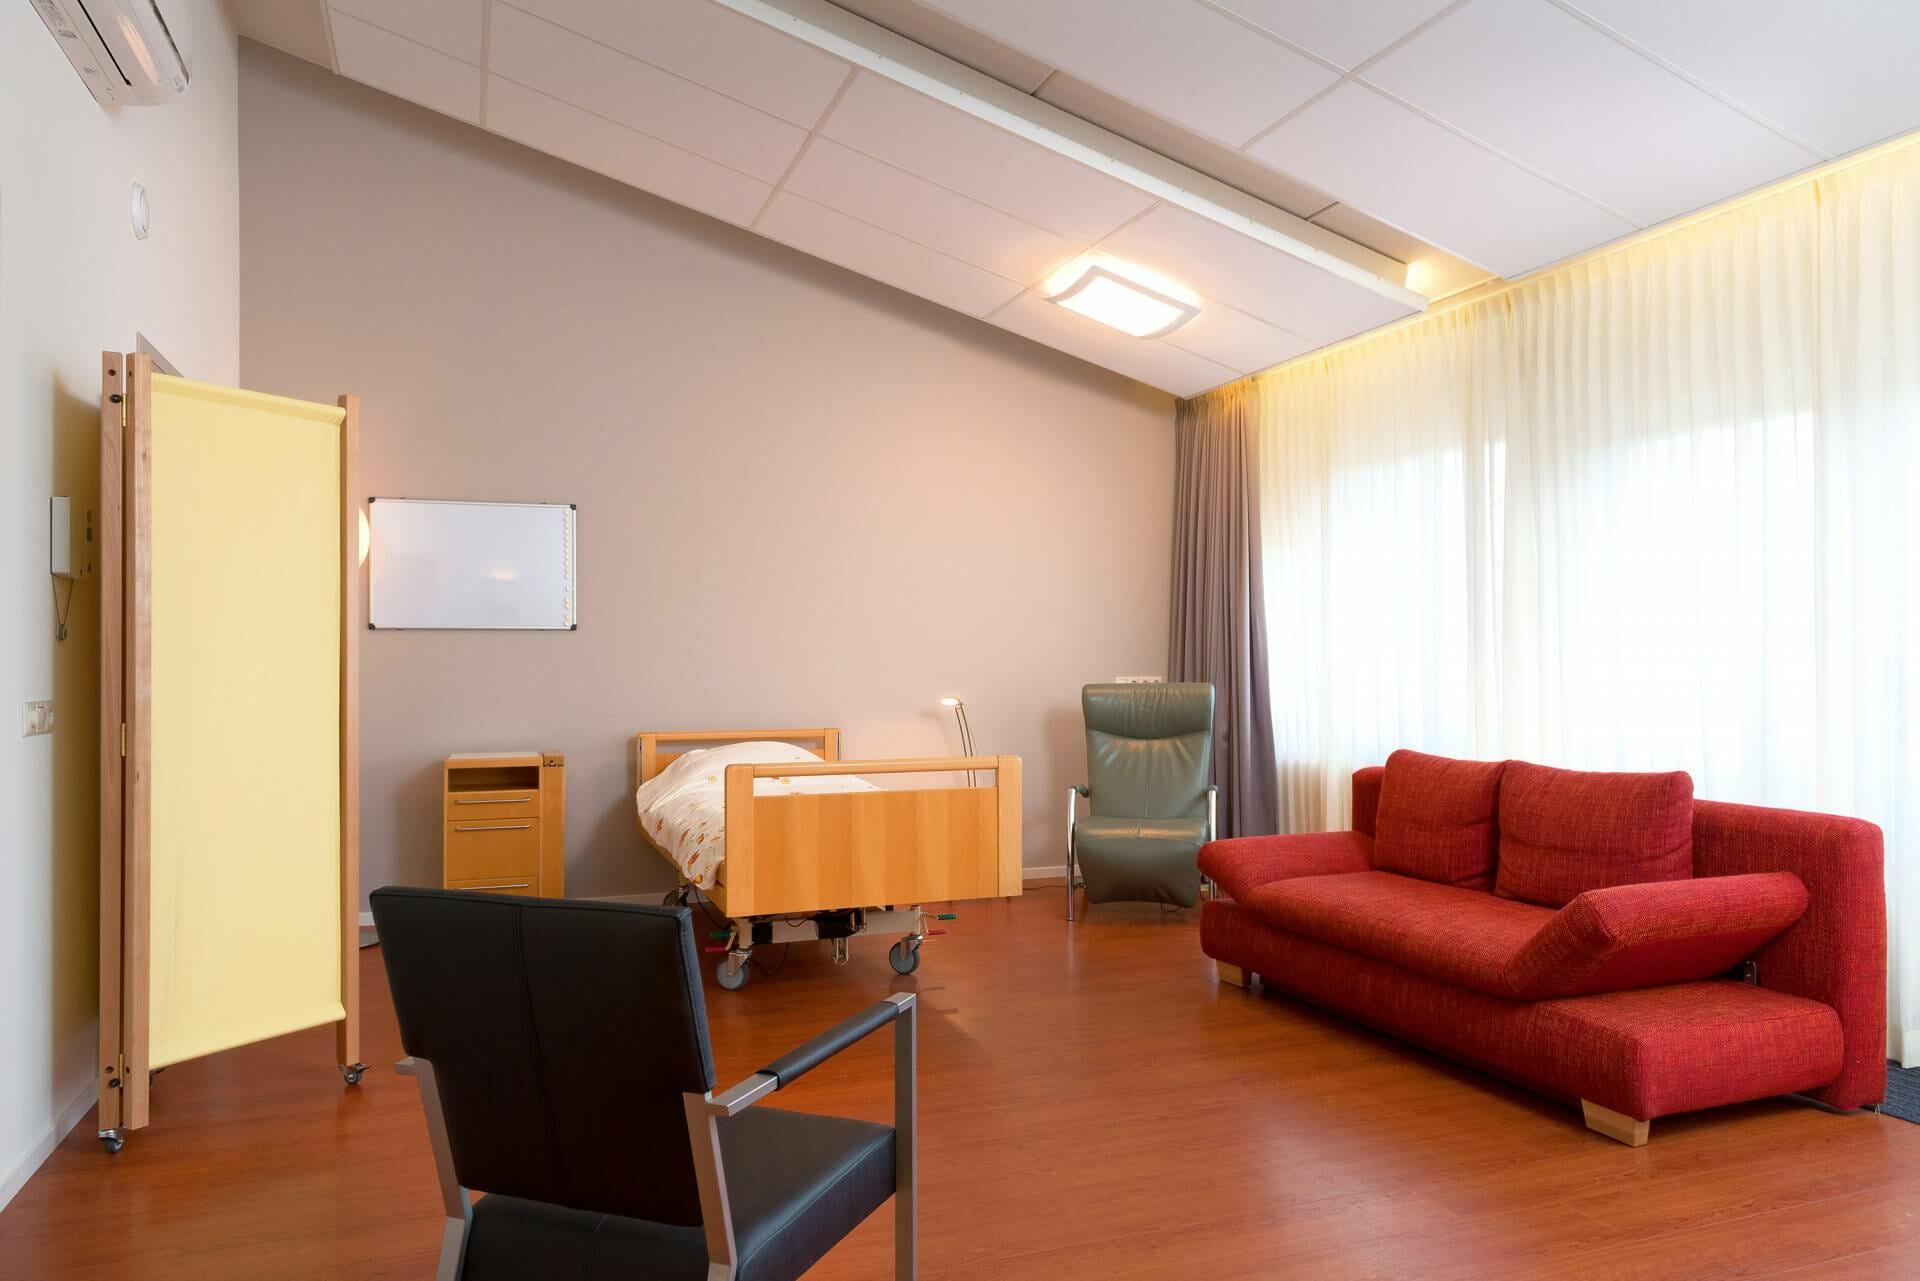 gastenkamer hospice de lelie